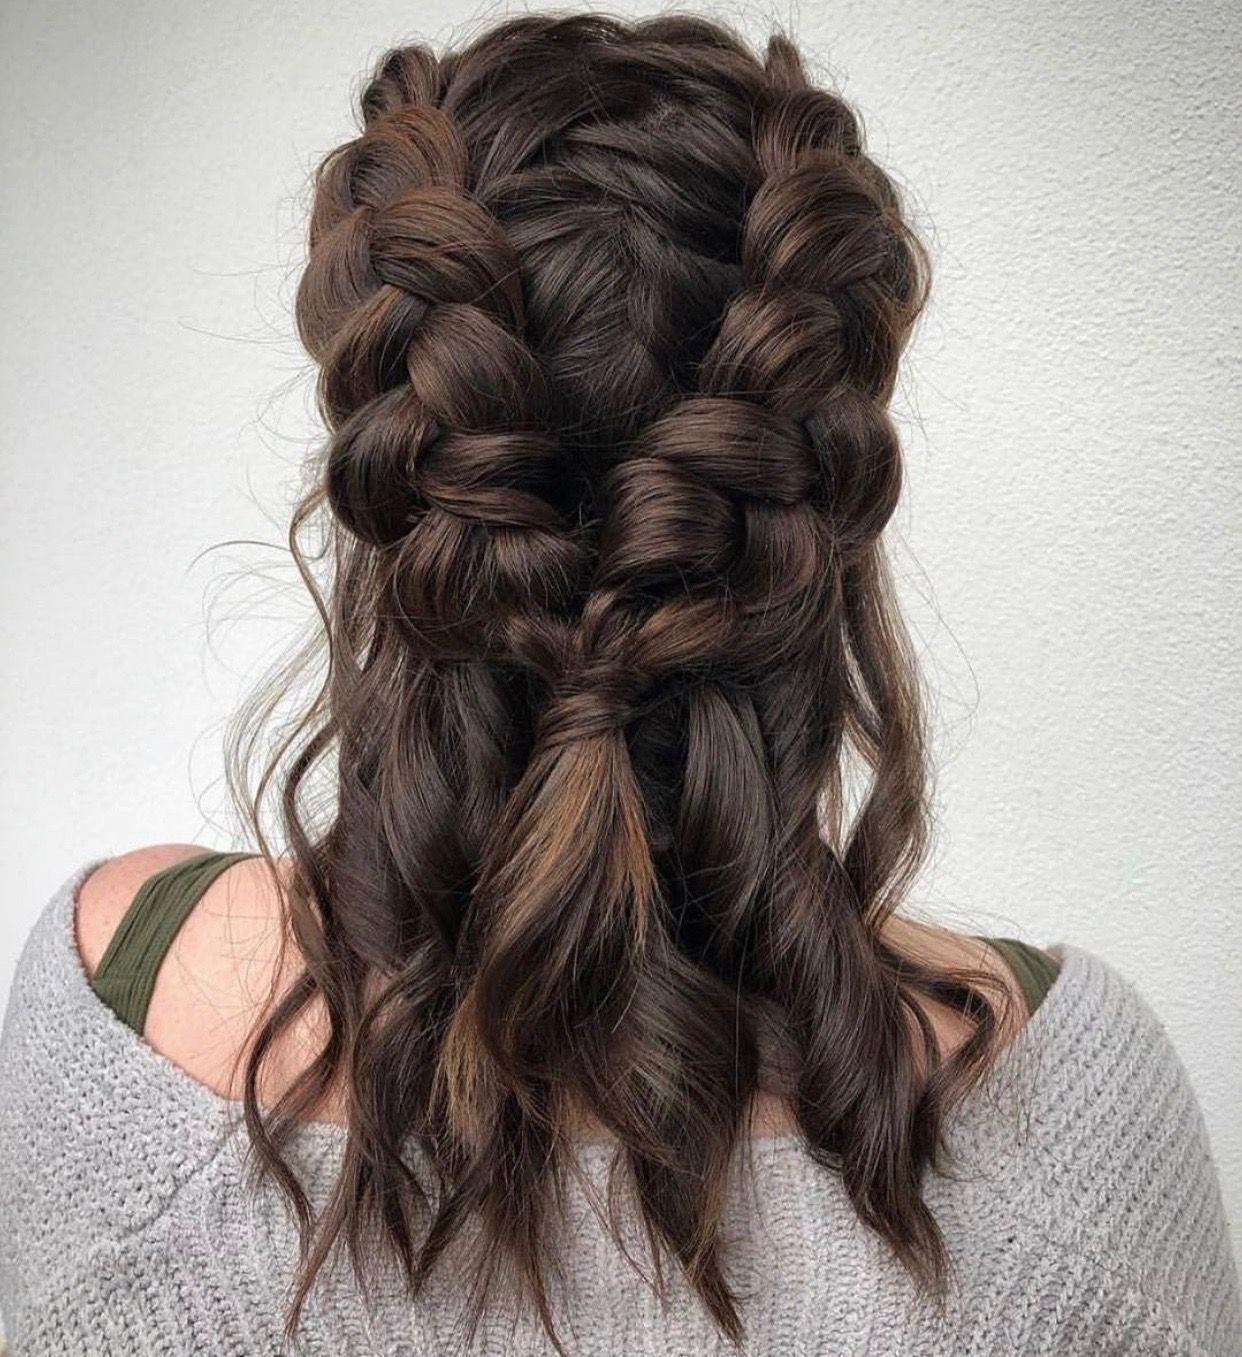 Explicación peinados deportivos Fotos de los cortes de pelo de las tendencias - Pin de sienna love en peinados | Peinados deportivos ...